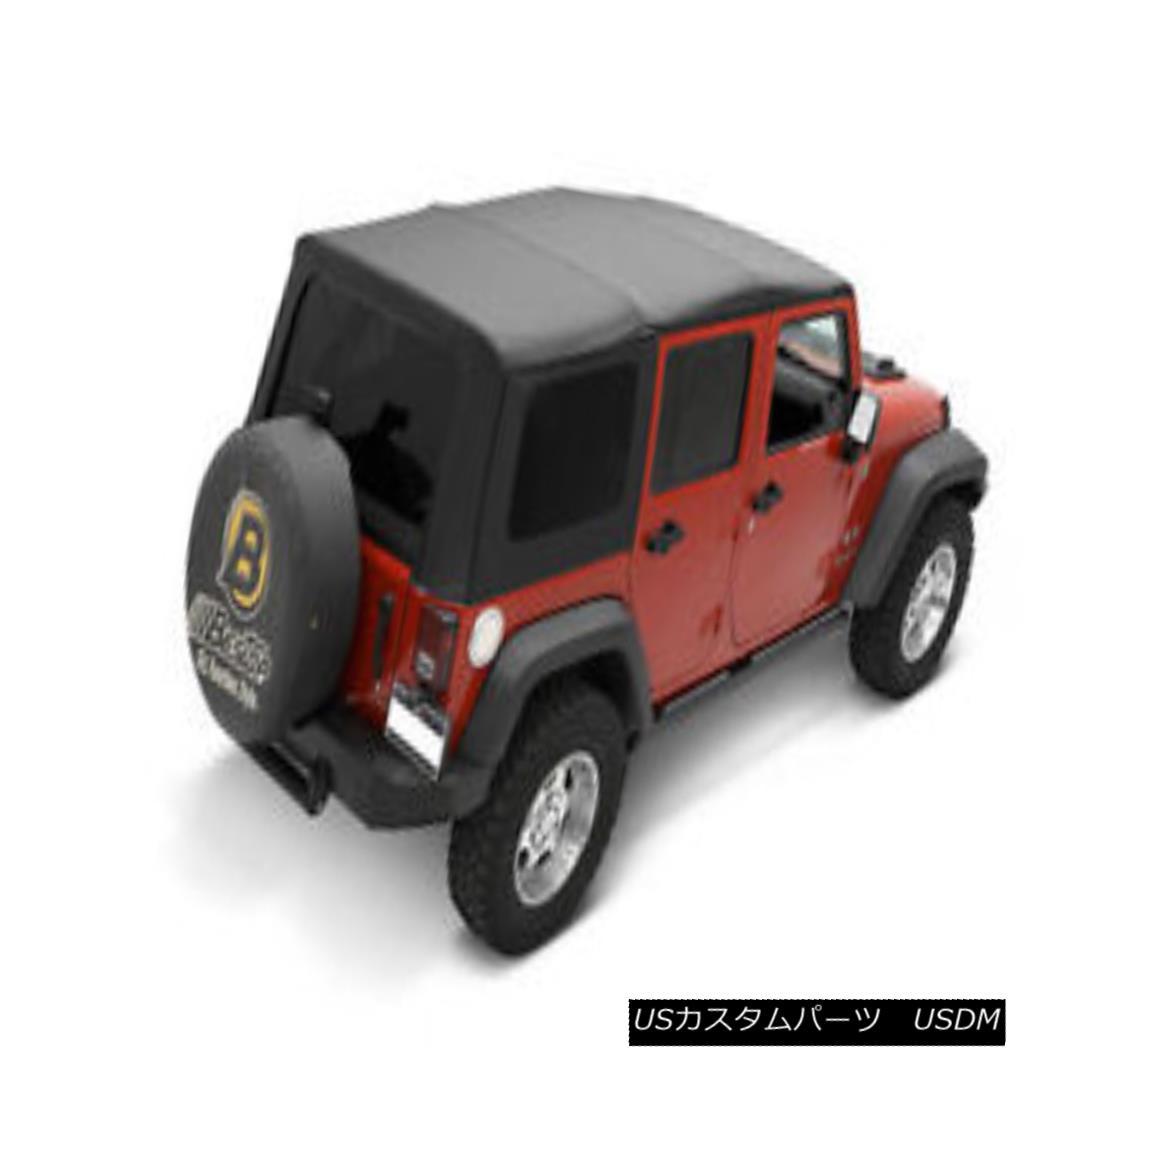 幌・ソフトトップ Bestop Sailcloth Replace A Top 11-17 Jeep Wrangler Unlimited 4 DR Tint Black ベストトップセイルクロストップ11-17ジープラングラーアンリミテッド4 DRティントブラック